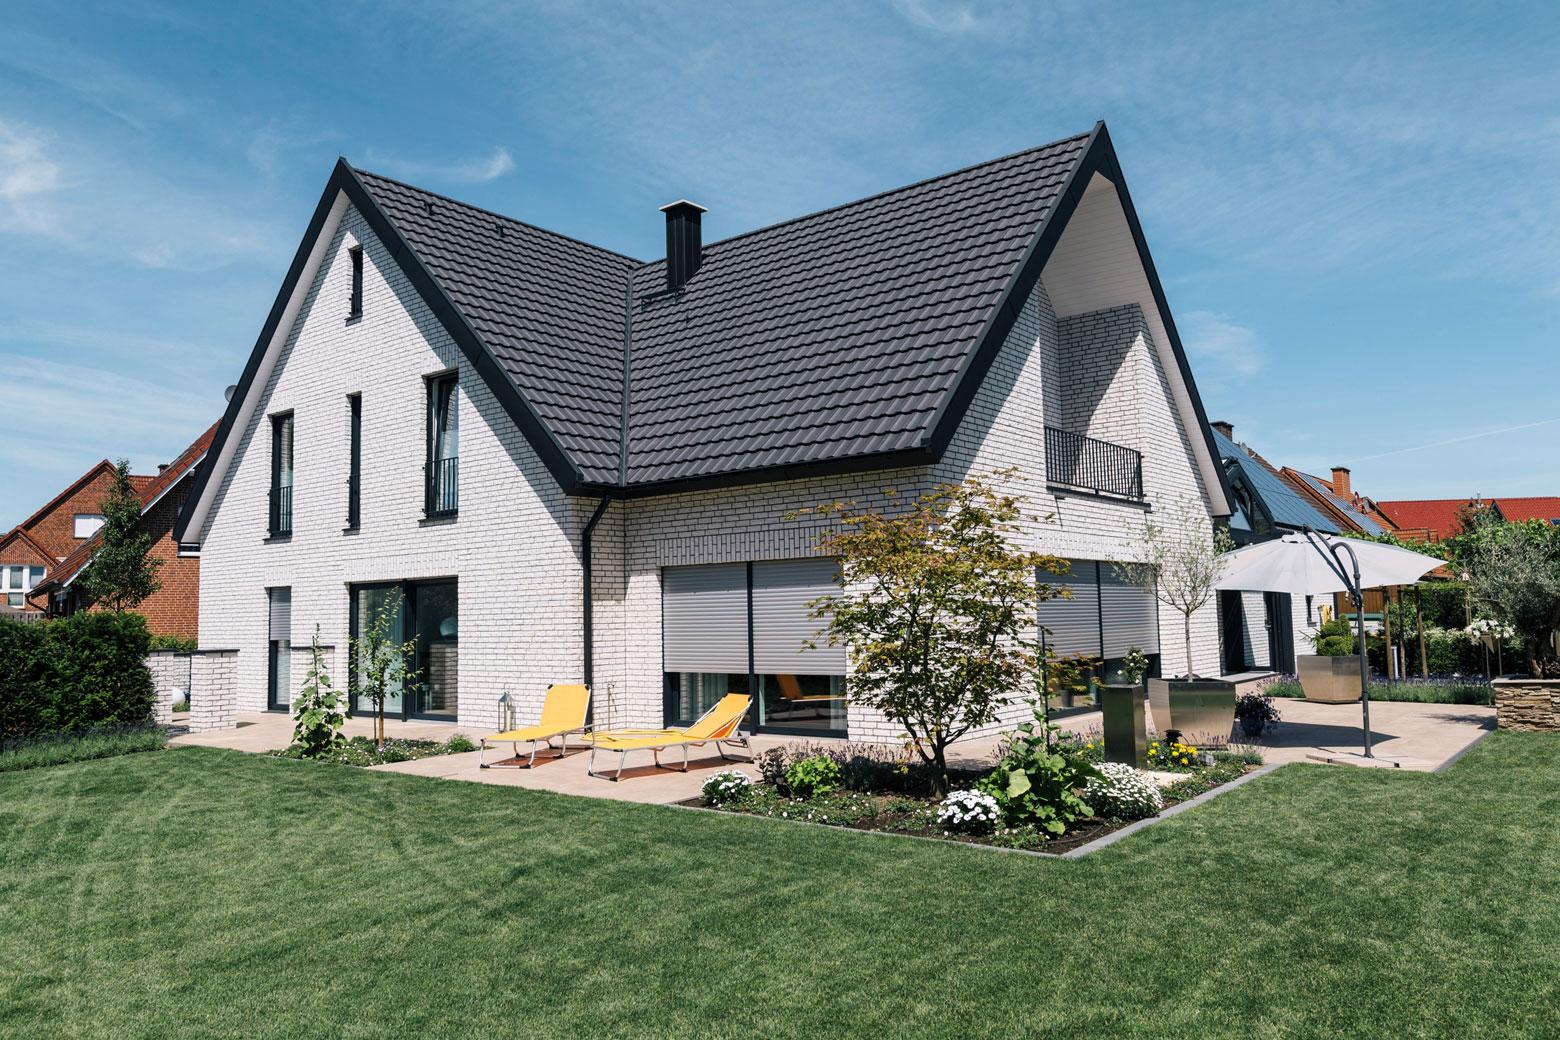 Einfamilienhaus mit Terrasse und Rasen